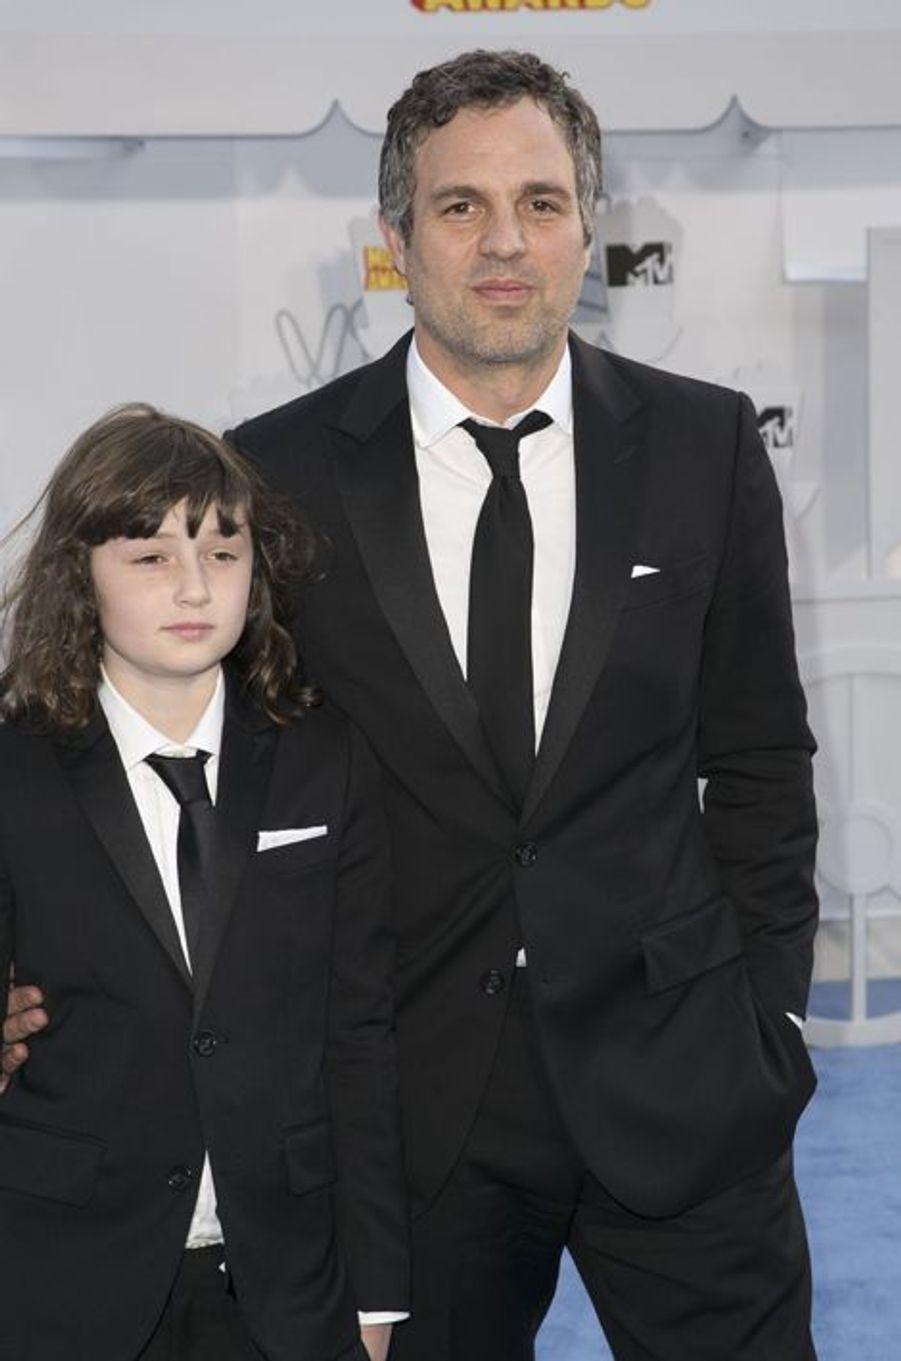 Mark Ruffalo et son fils, Keen, à Los Angeles le 12 avril 2015